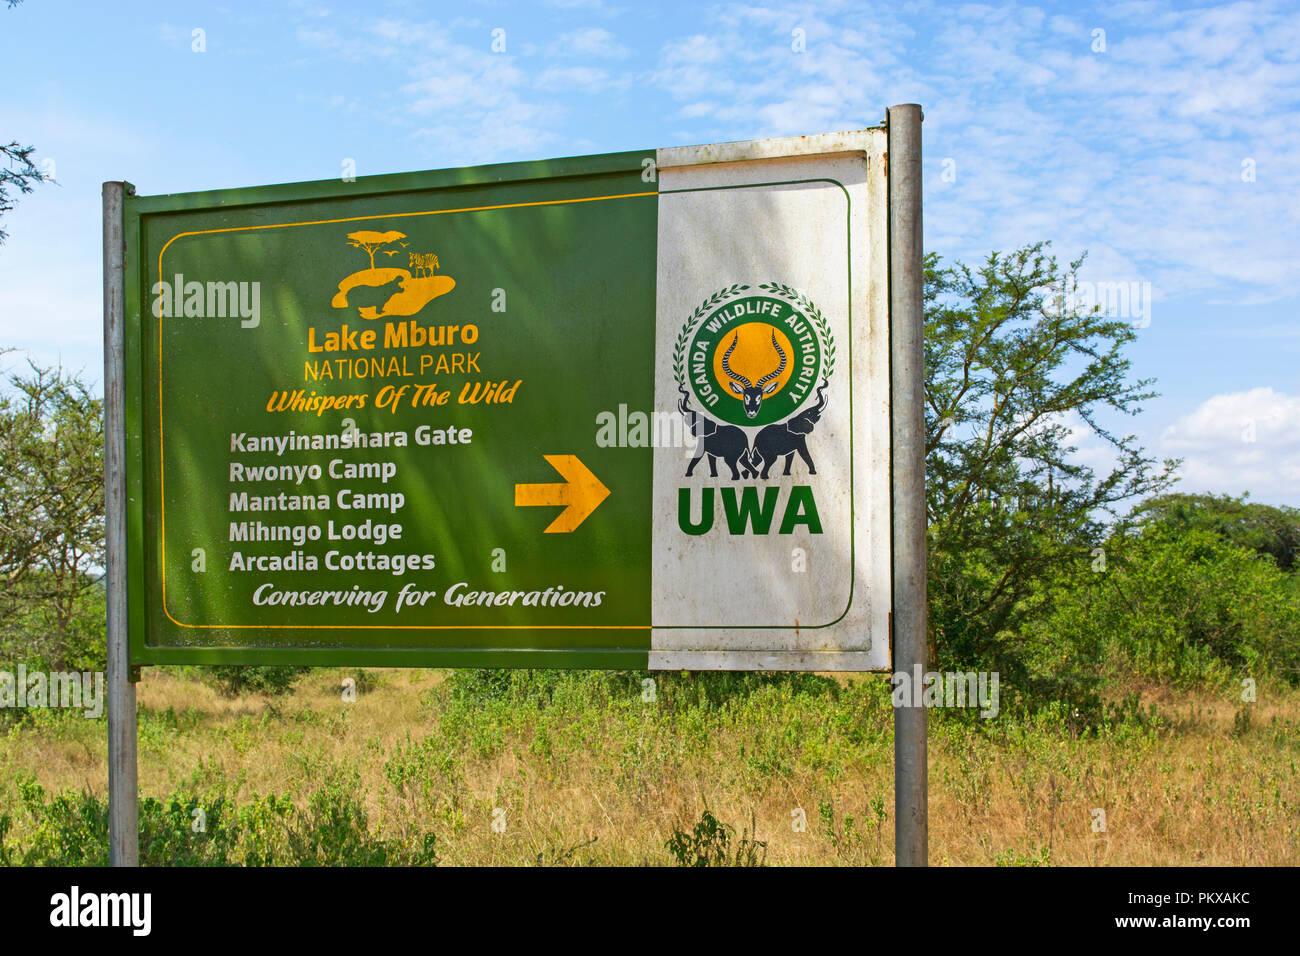 Signo, el Parque Nacional del Lago Mburo con direcciones para Kwaninyanshara Gate, Rwonyo Camp, Campamento Mantana Mihingo Lodge & Arcadia Cottages, Uganda en África Oriental Imagen De Stock